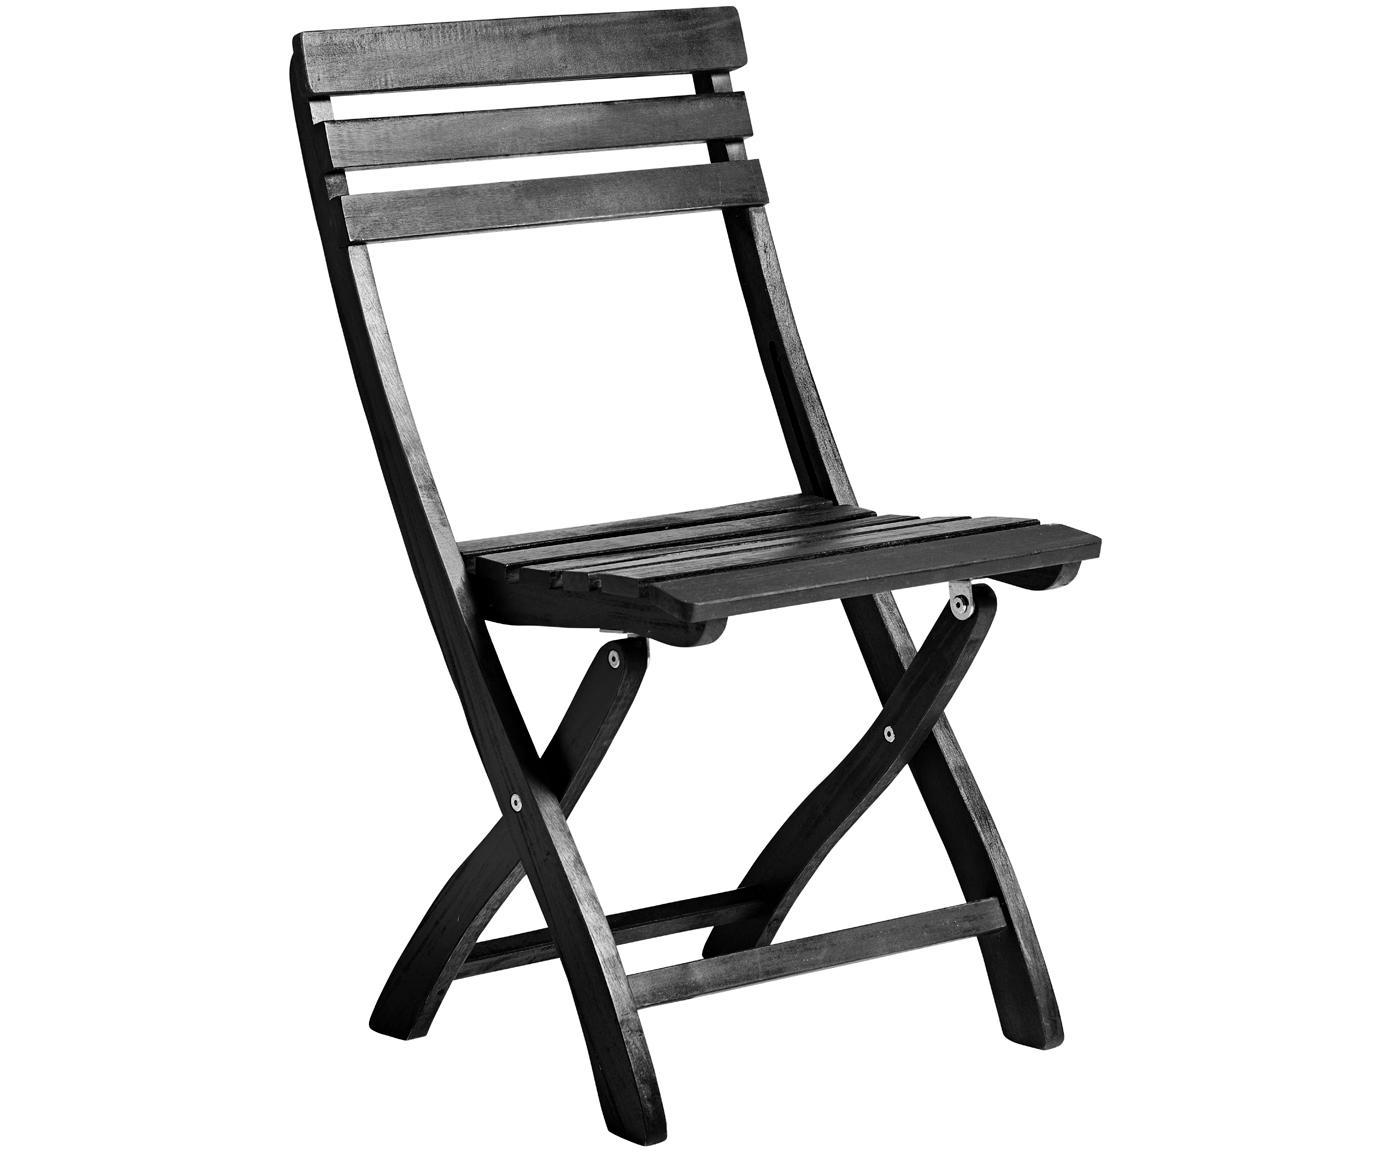 Składane krzesło ogrodowe z drewna Clarish, 2 szt., Drewno akacjowe, olejowane na czarno, Czarny, S 48 x G 45 cm